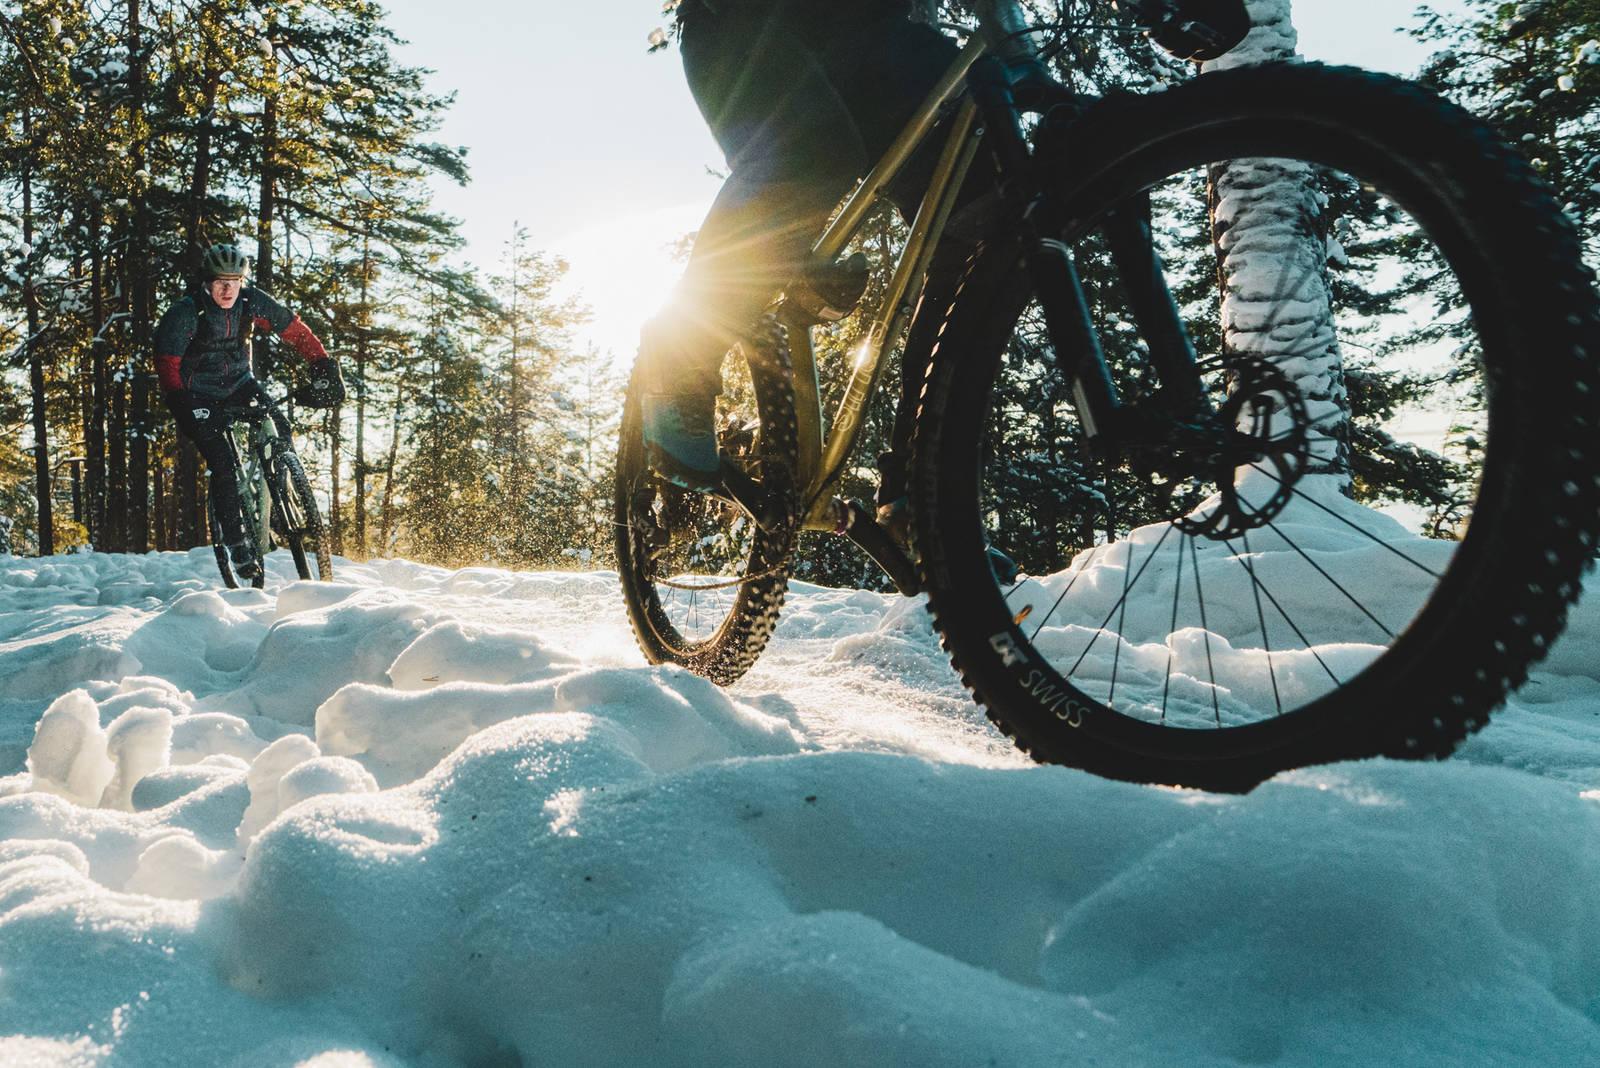 stisykling på vinteren